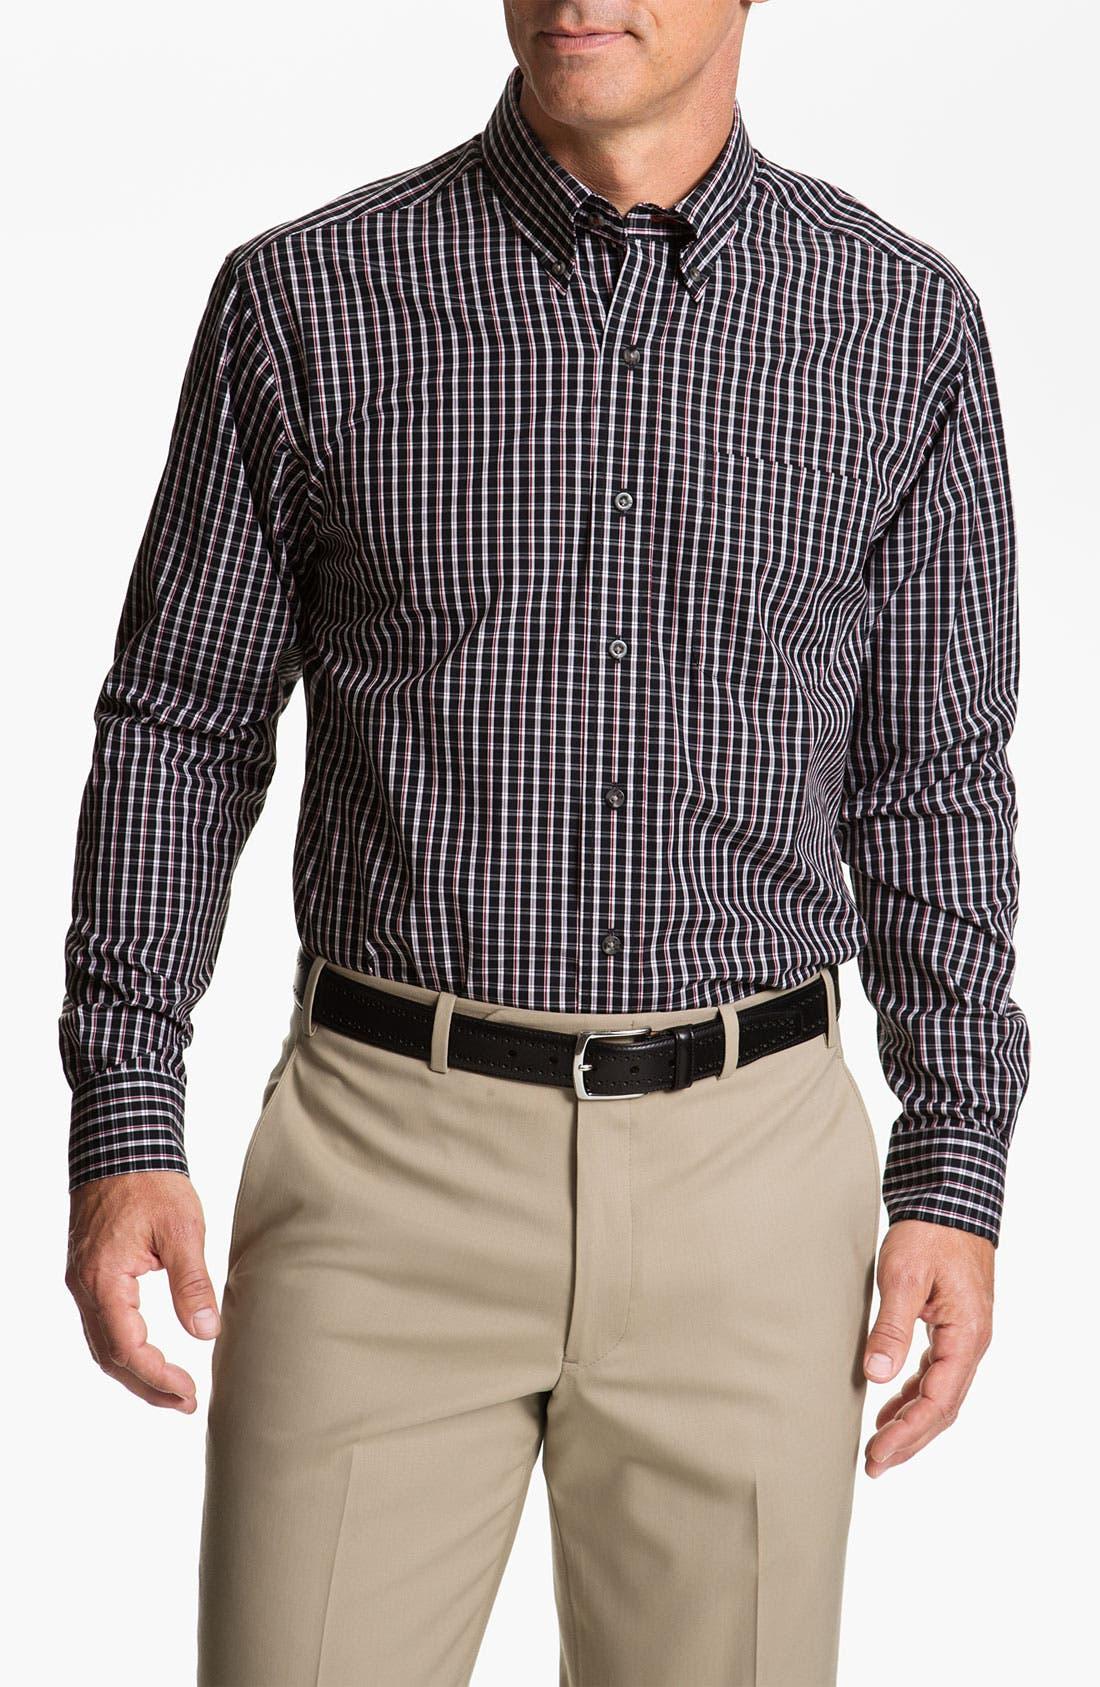 Alternate Image 1 Selected - Cutter & Buck 'Elfin' Check Sport Shirt (Big & Tall)